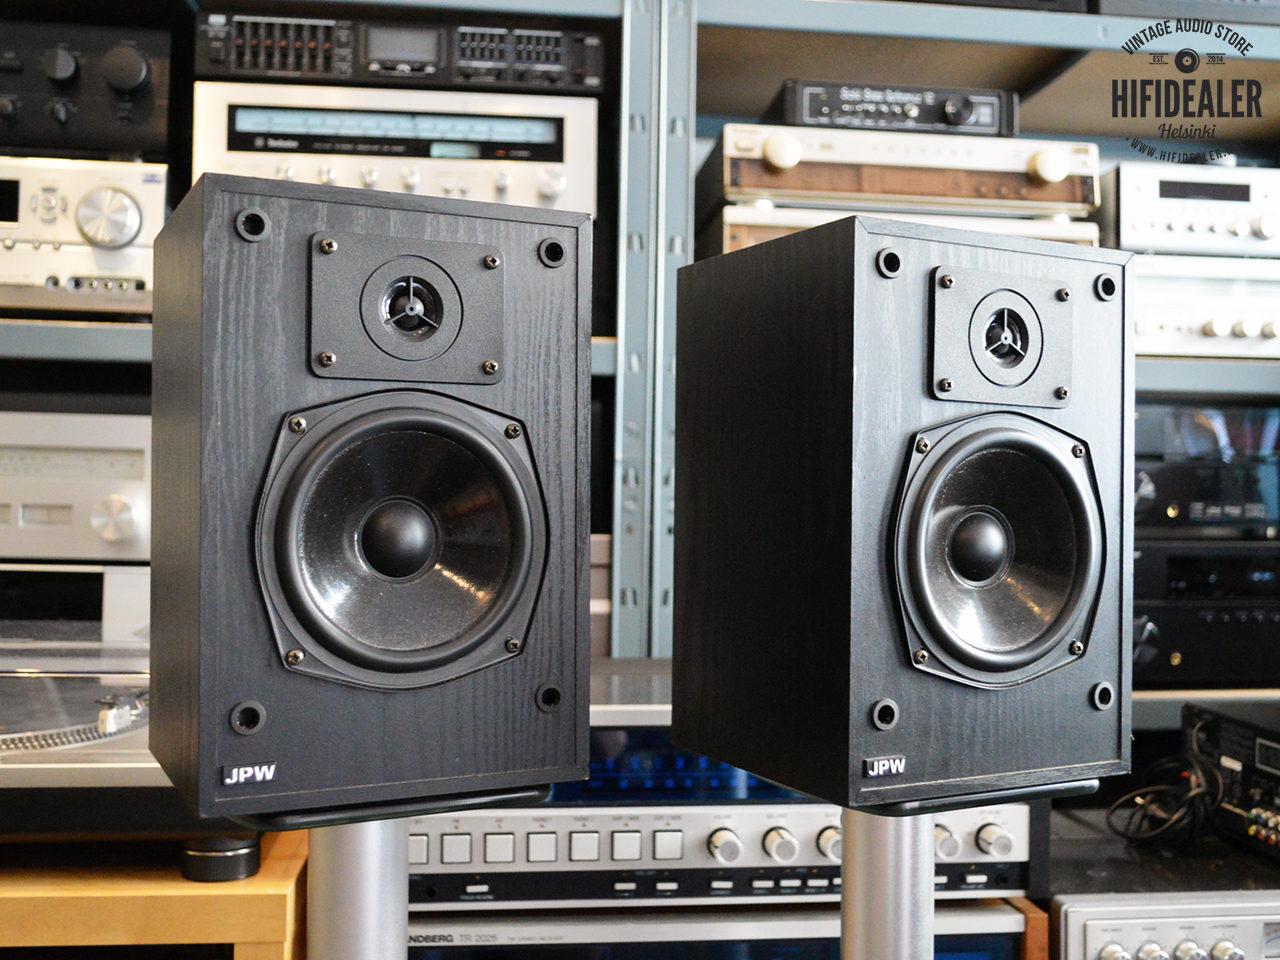 jpw-mini-monitor-2